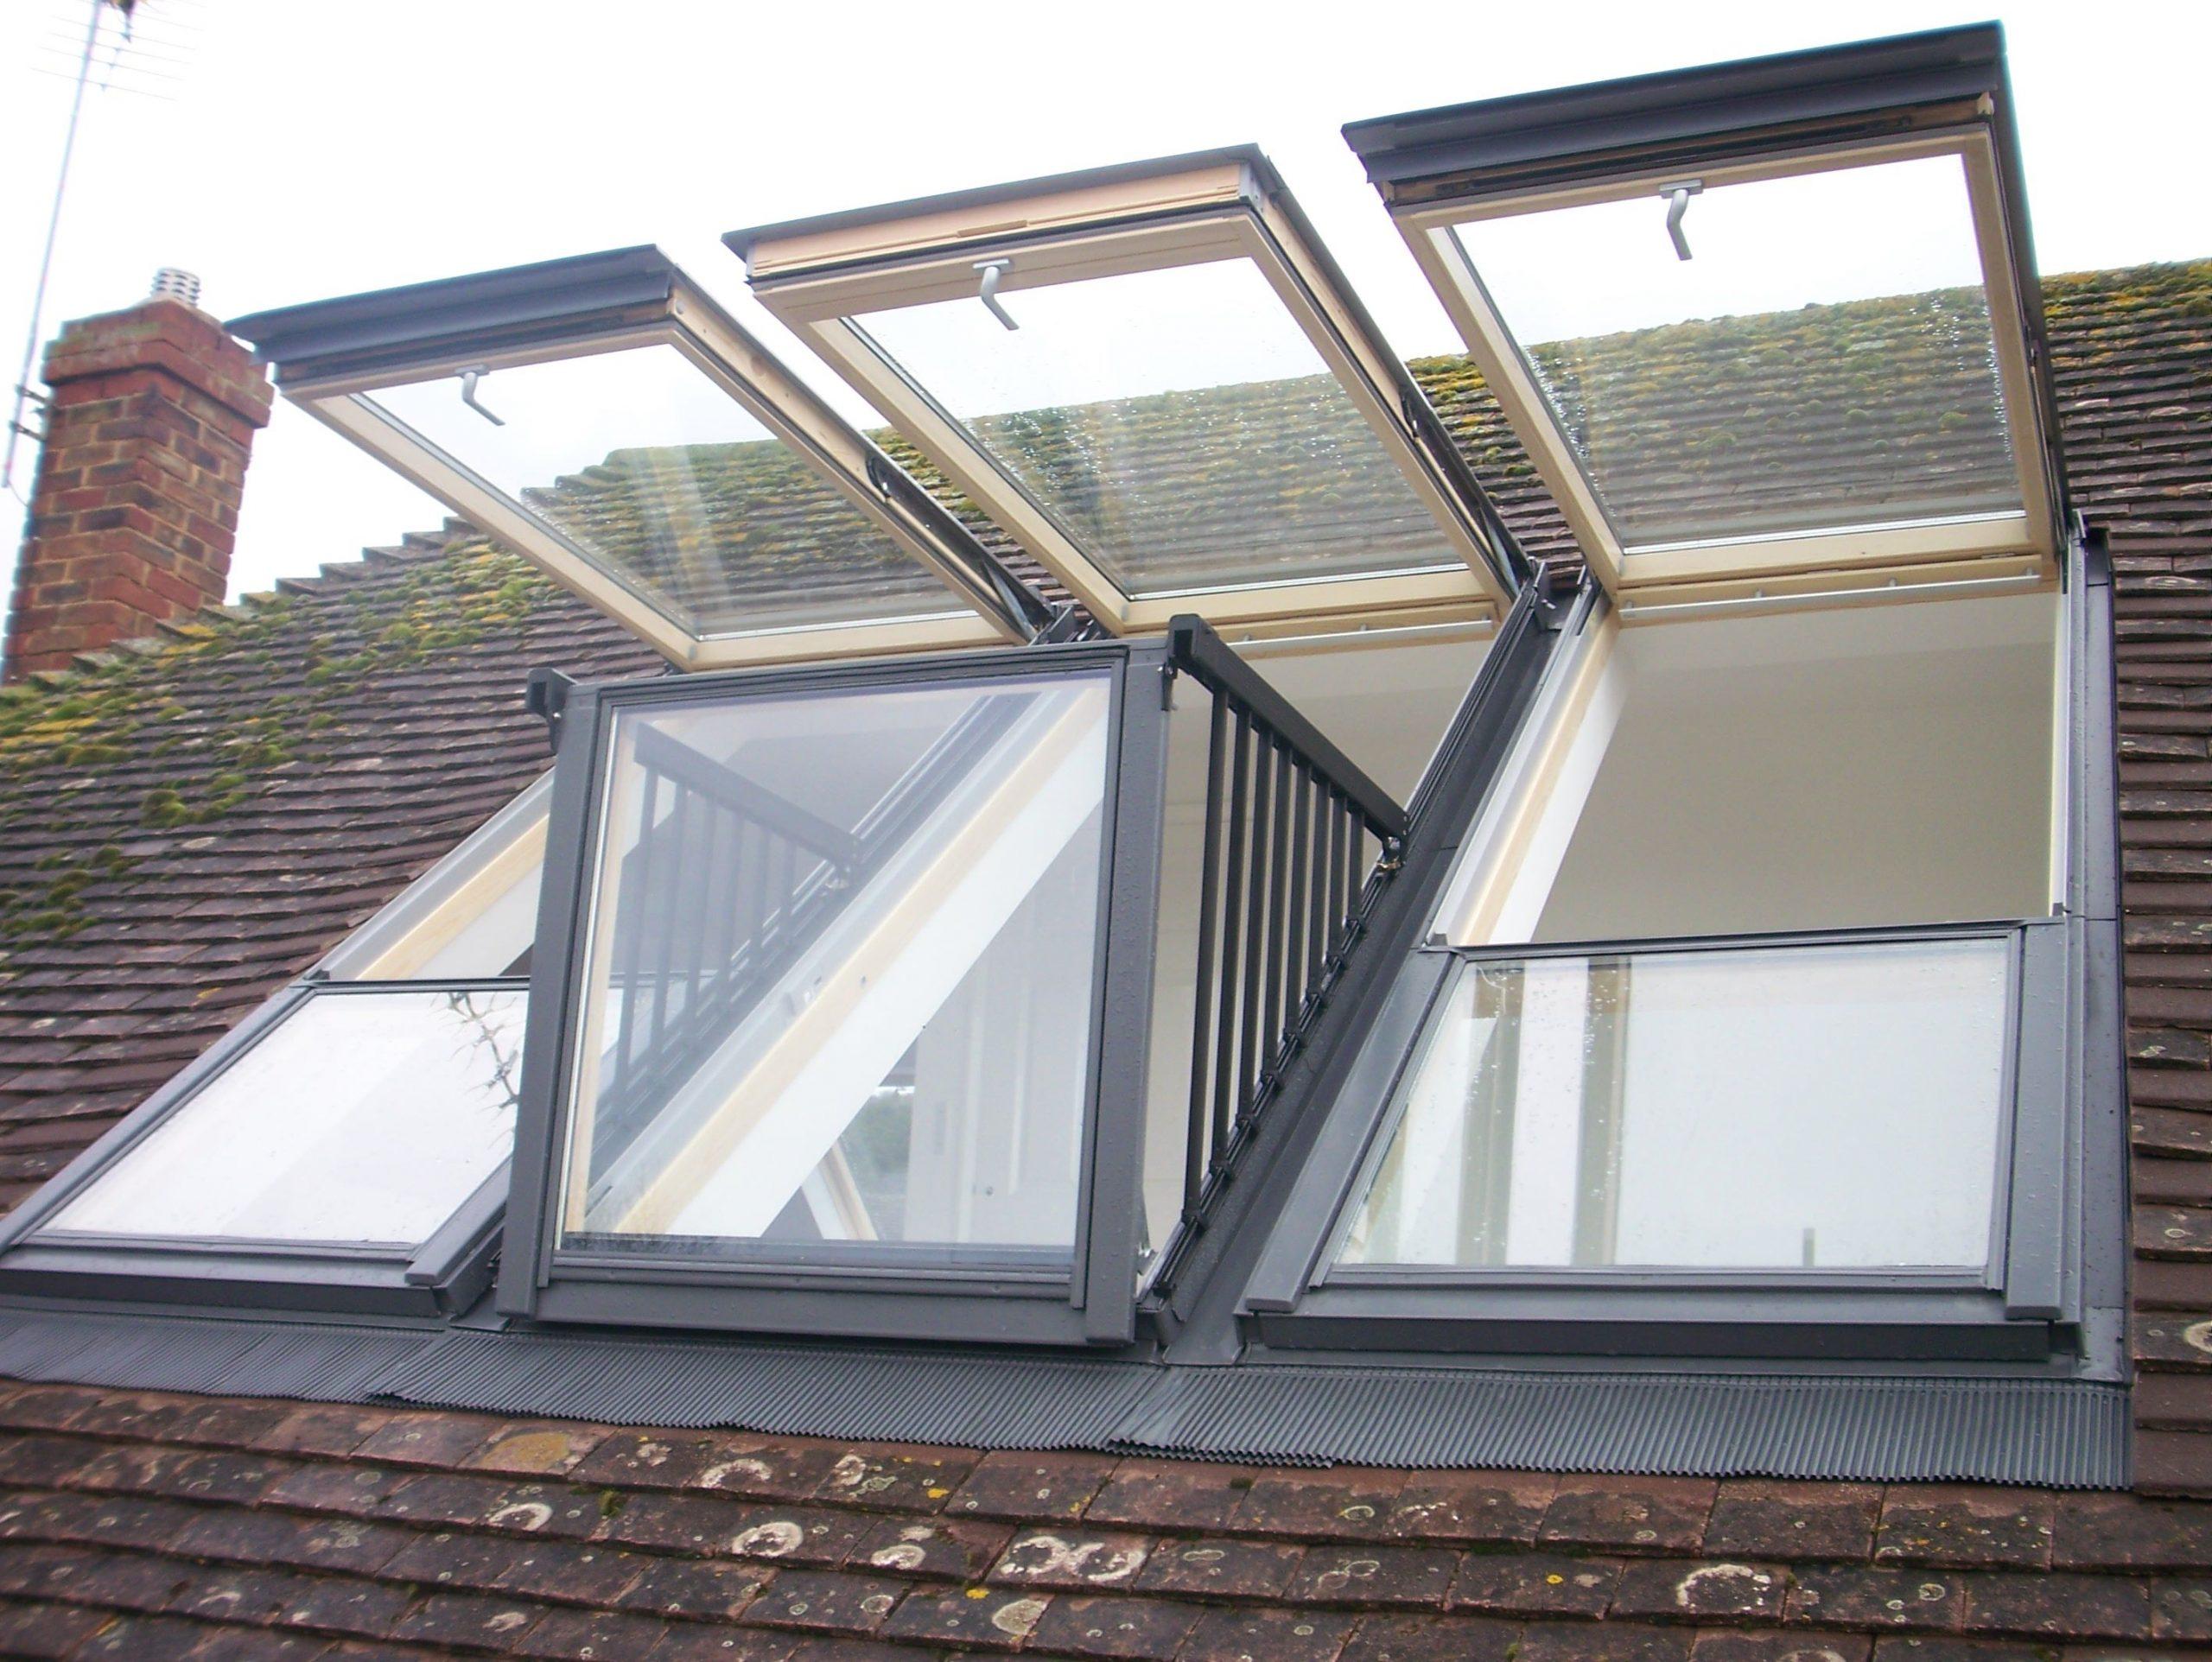 Full Size of Velux Fenster Velucabrio Roof Window Balcony Itll Give Your Room The Wow Insektenschutz Sichtschutzfolie Für Erneuern Einbruchschutz Nachrüsten Auto Folie Fenster Velux Fenster